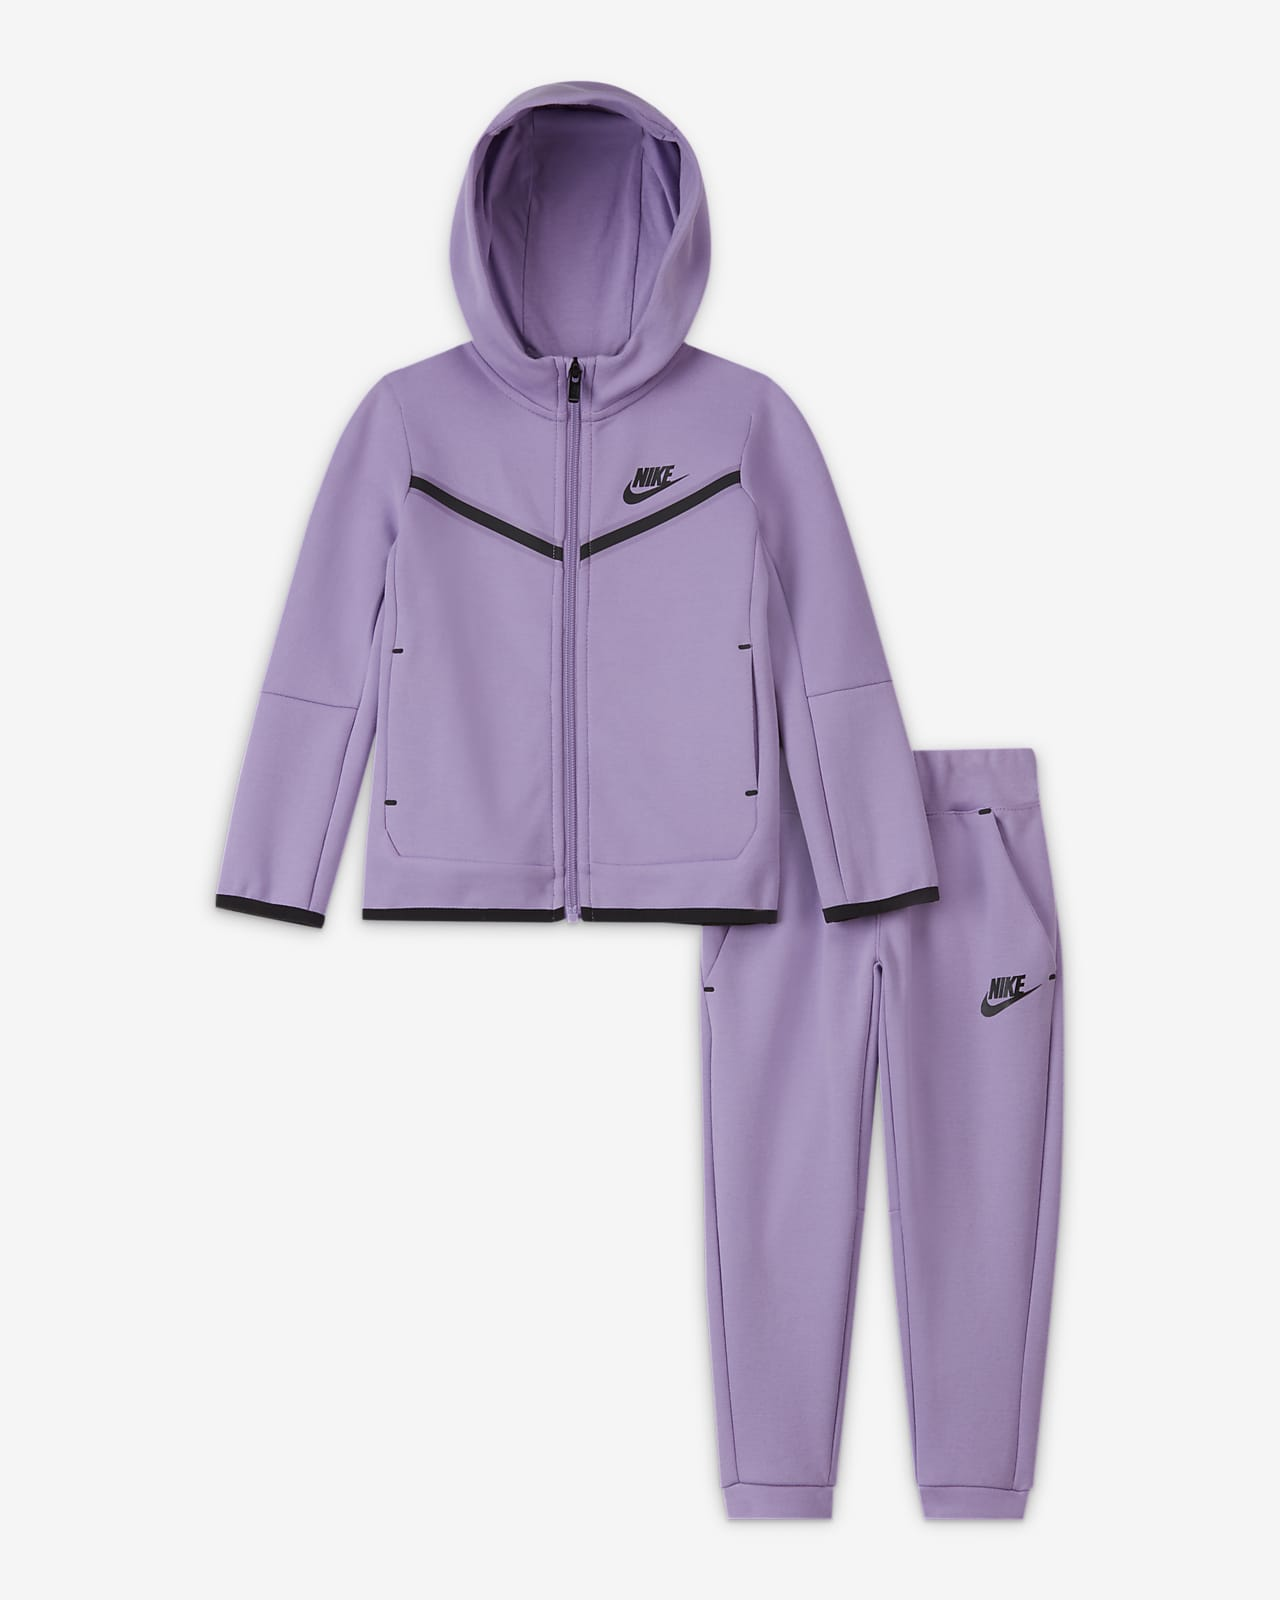 Nike Sportswear Tech Fleece Toddler Zip Hoodie and Trousers Set